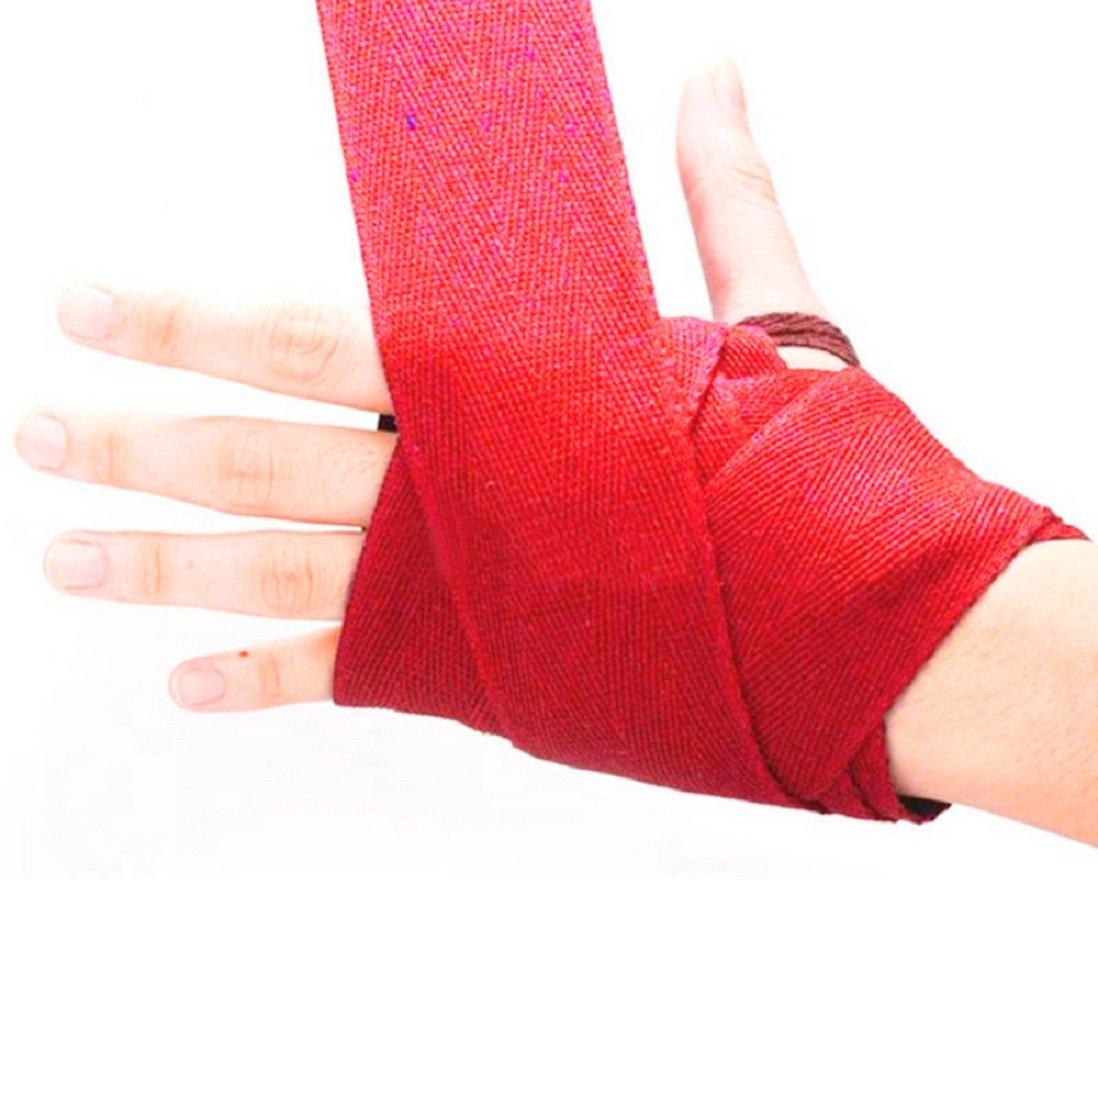 Sukisuki 1Pair Boxing Handwraps Bandage Punching Hand Wrap Exercise Training Gloves 2.5m